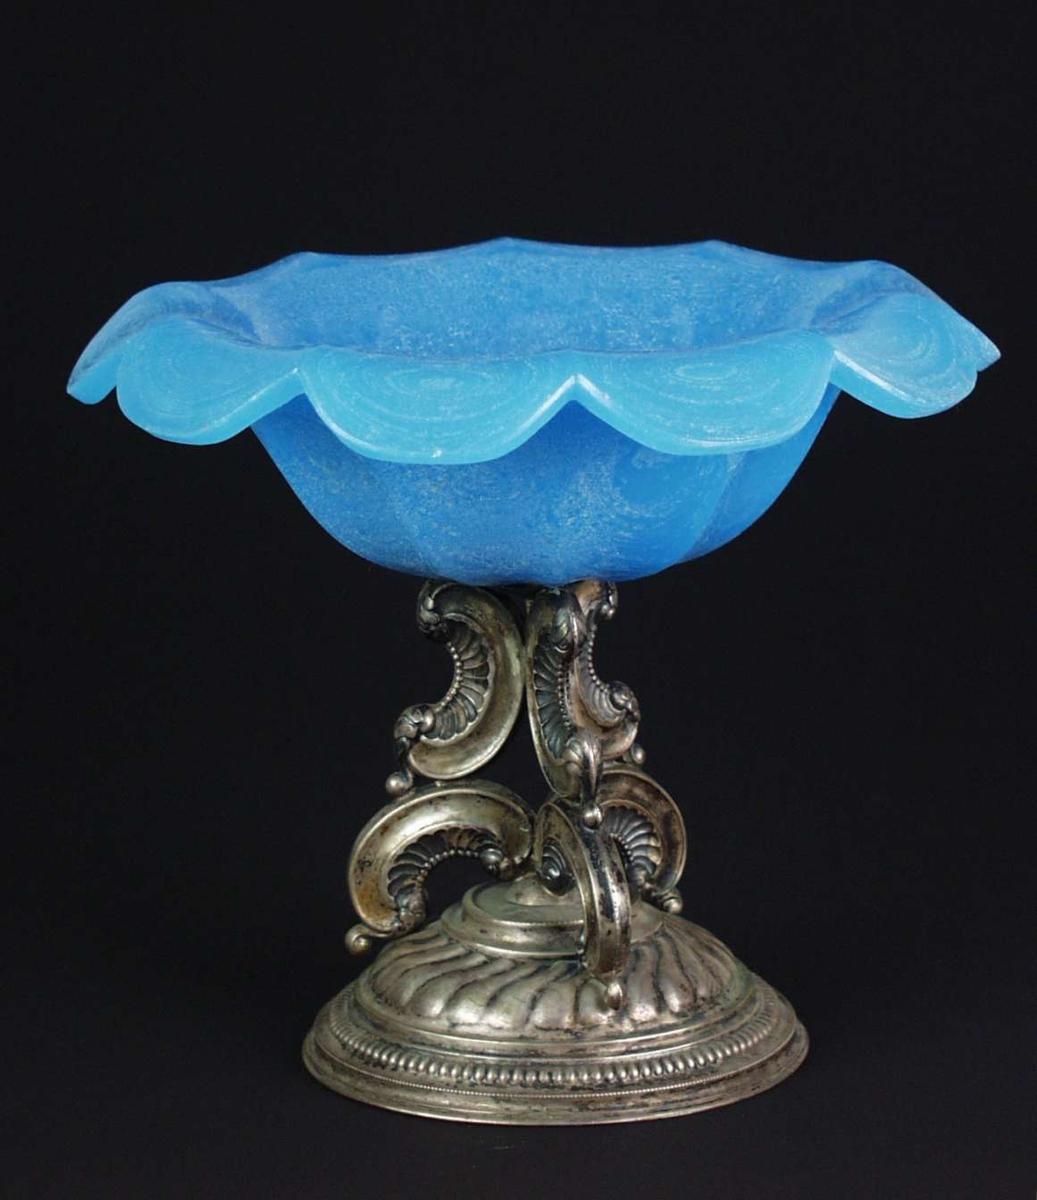 Oppsats med forarbeidet metallstett og glasskål med utbrettet kant. Glasset er blått.